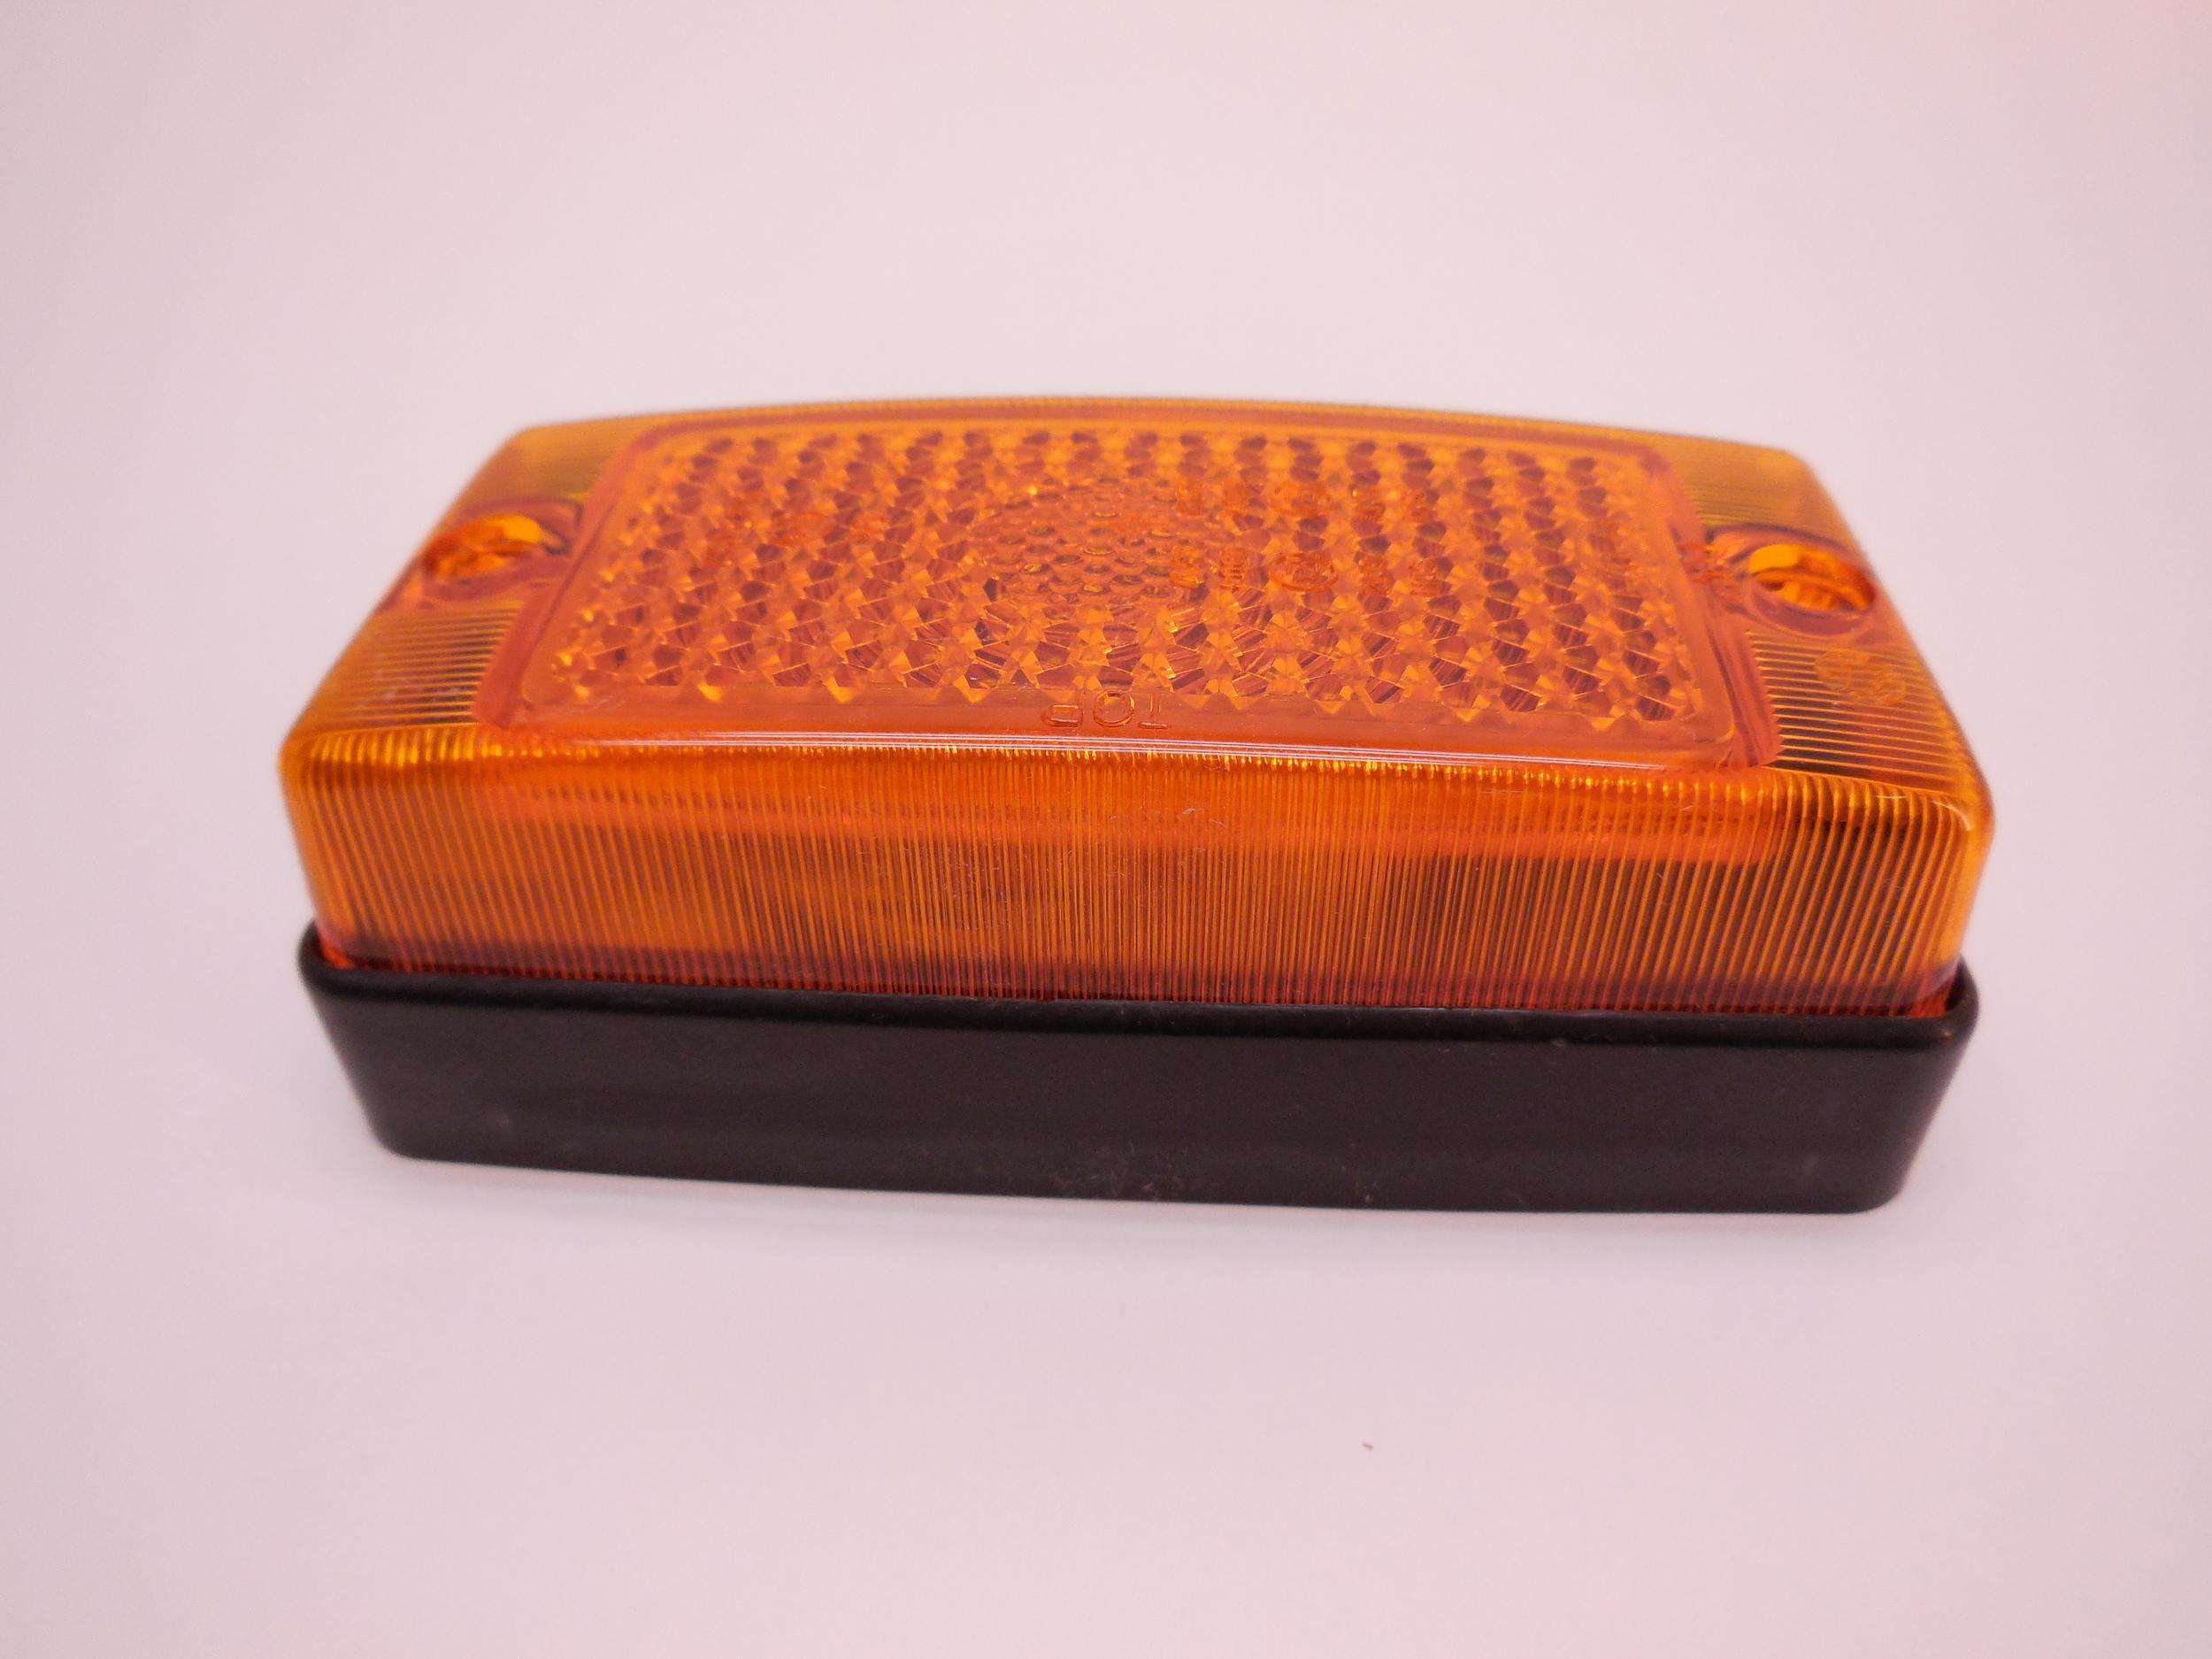 Side Marker Complete Häggo Nr: 5921 2028-001 PRICE: 165 SEK